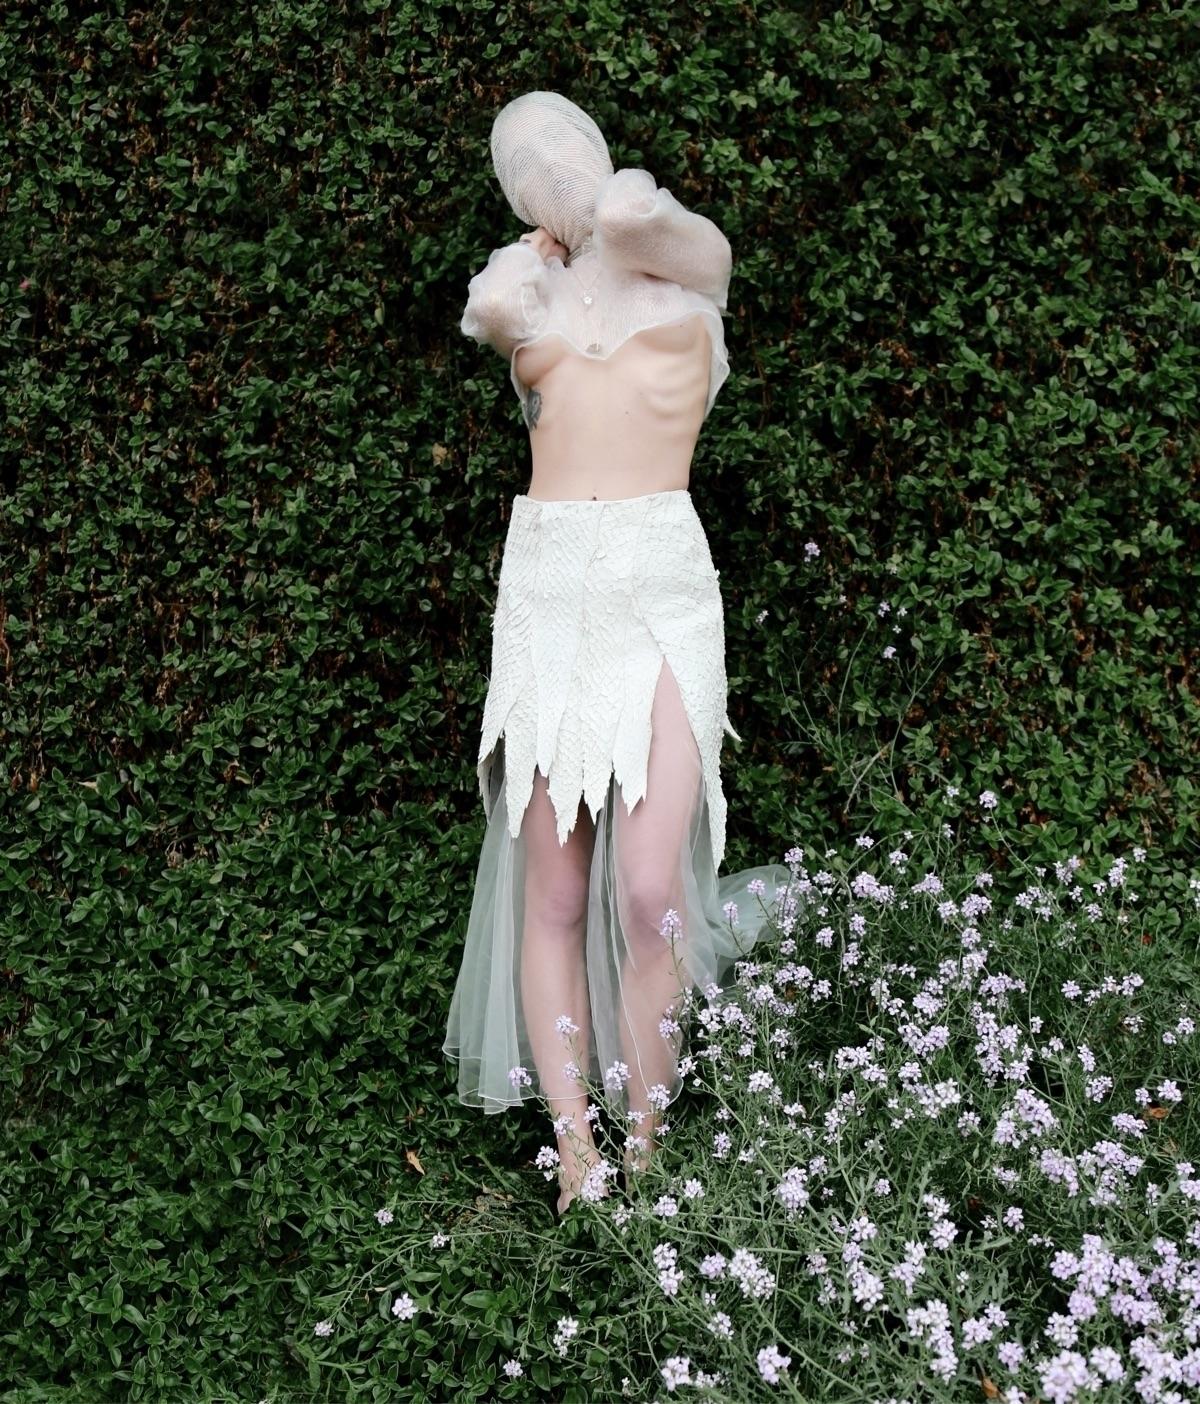 Fairy Forest - lloydgalbraith, fashionphotography - lloydgalbraith | ello